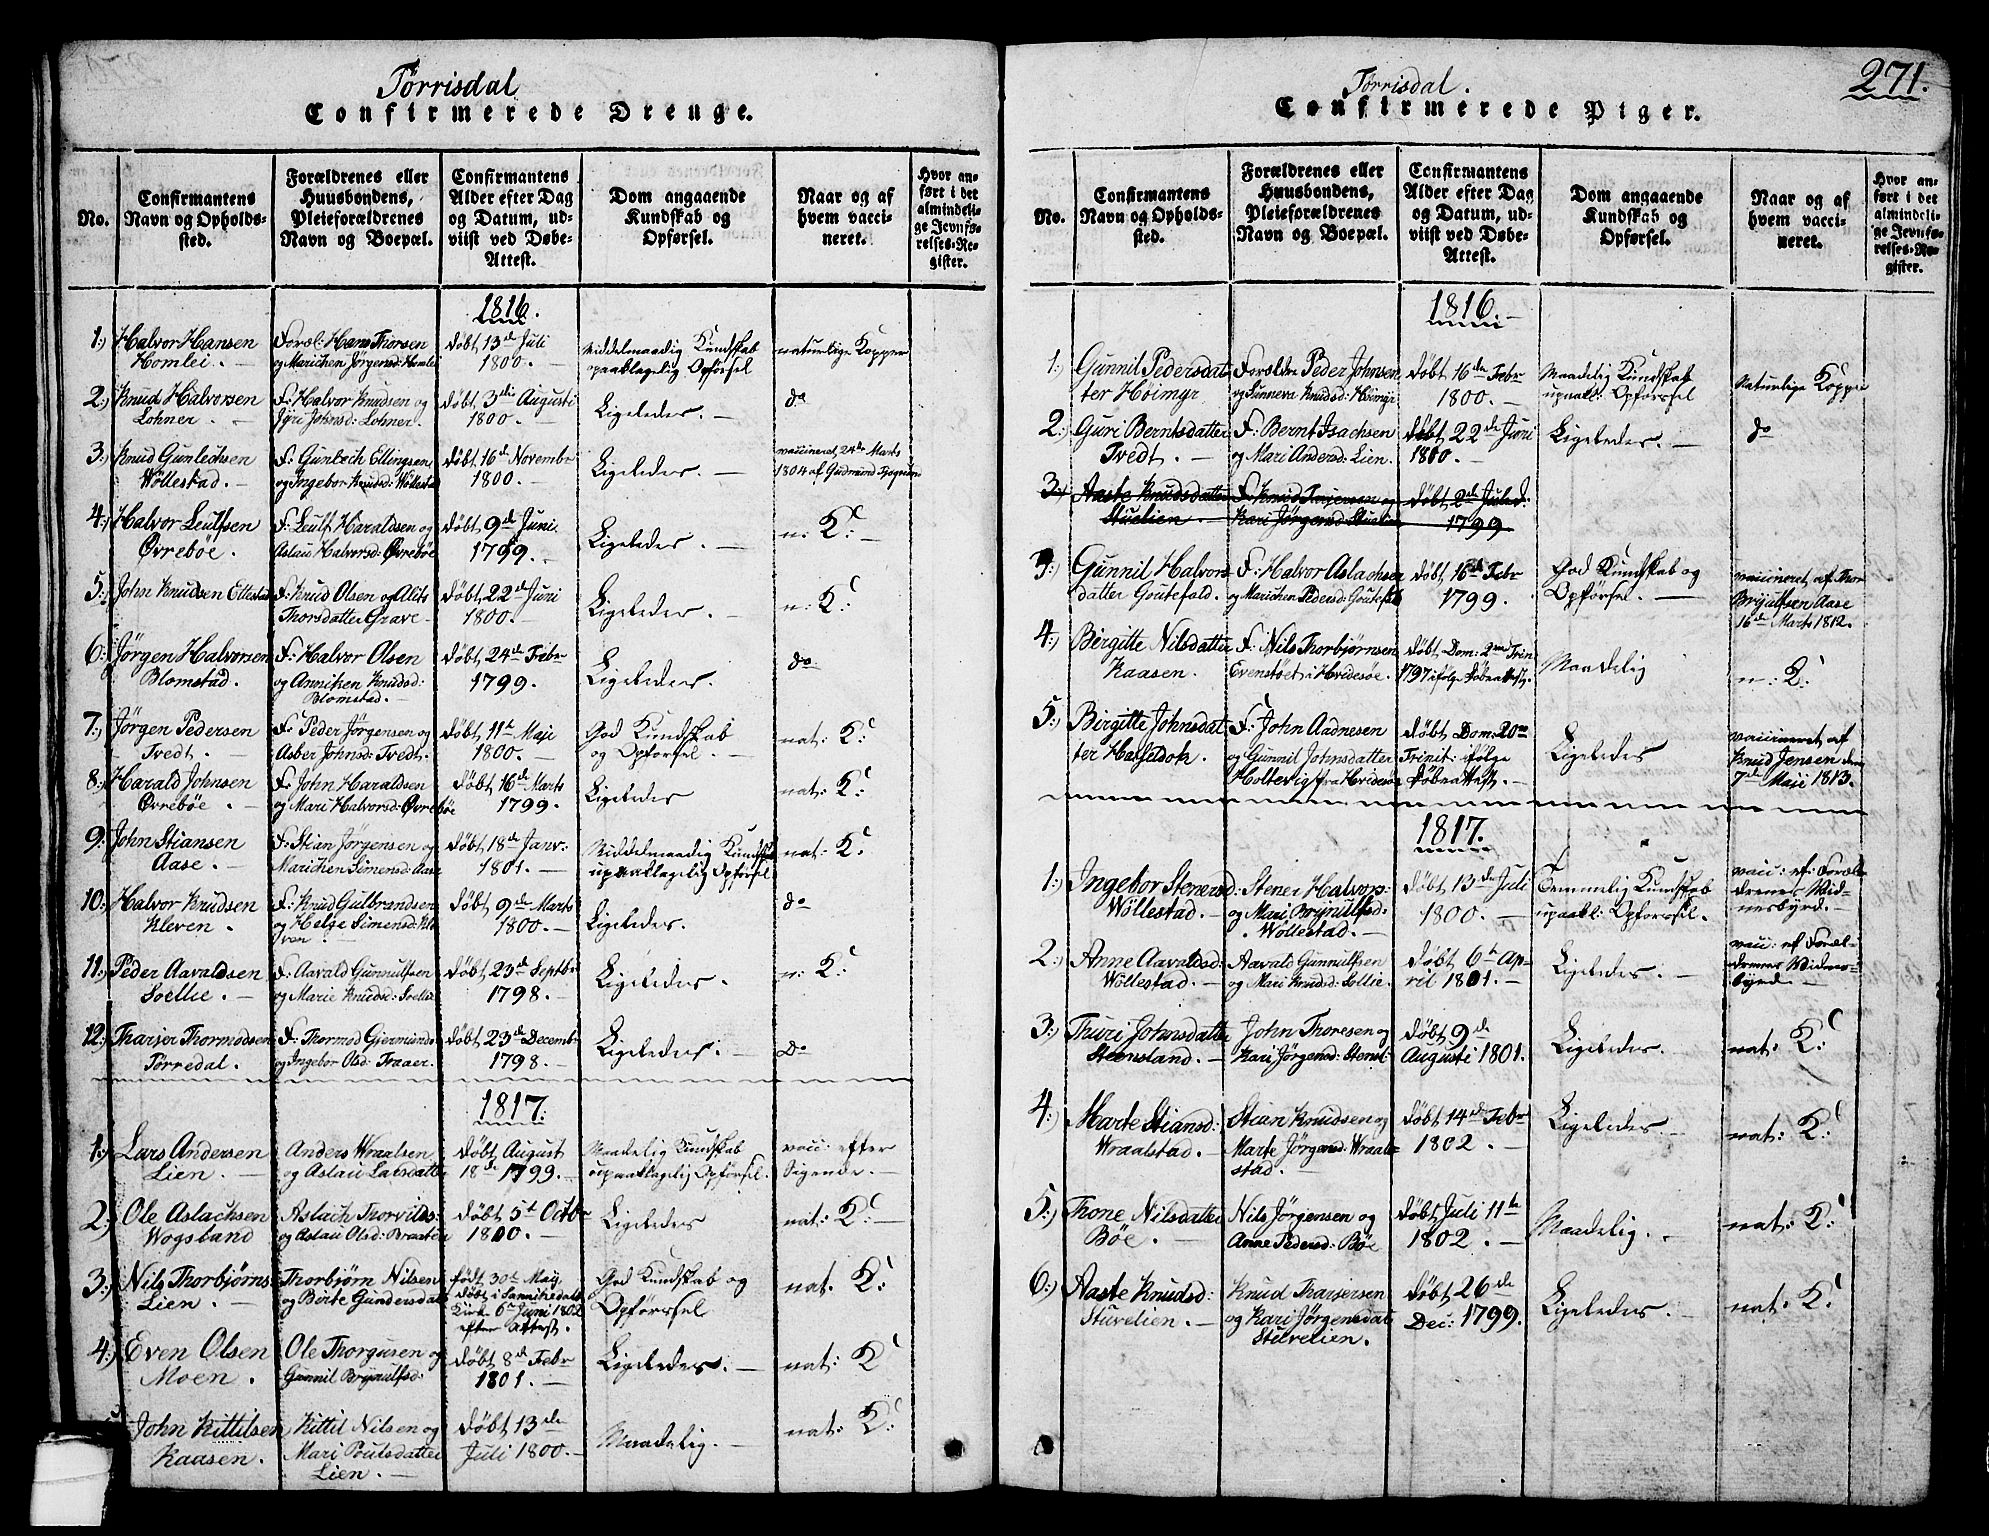 SAKO, Drangedal kirkebøker, G/Ga/L0001: Klokkerbok nr. I 1 /2, 1814-1856, s. 271